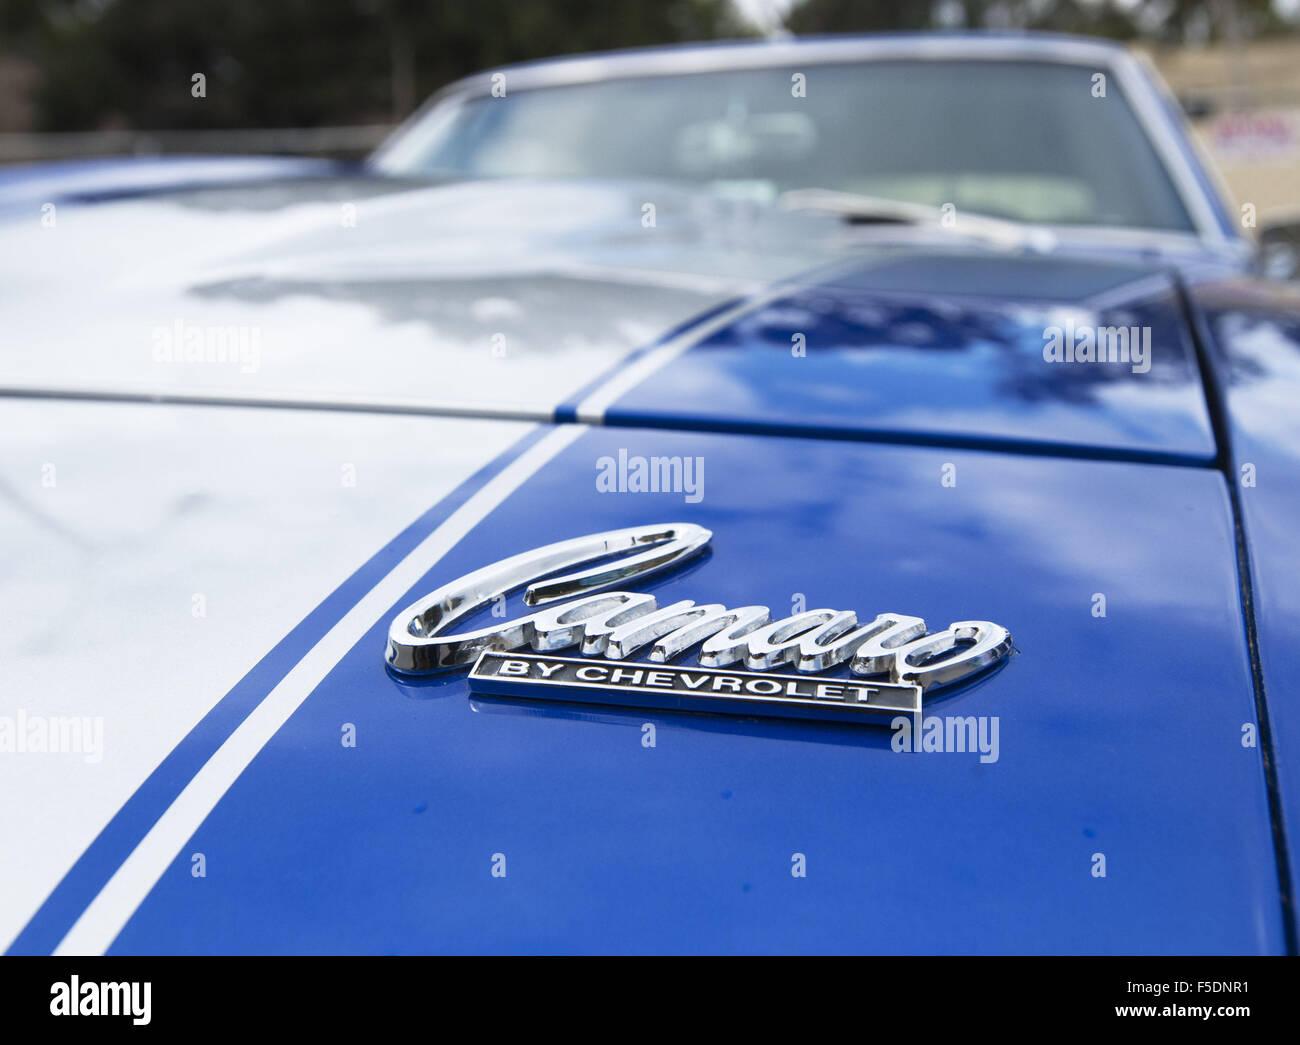 Laguna Beach Classic Car Show